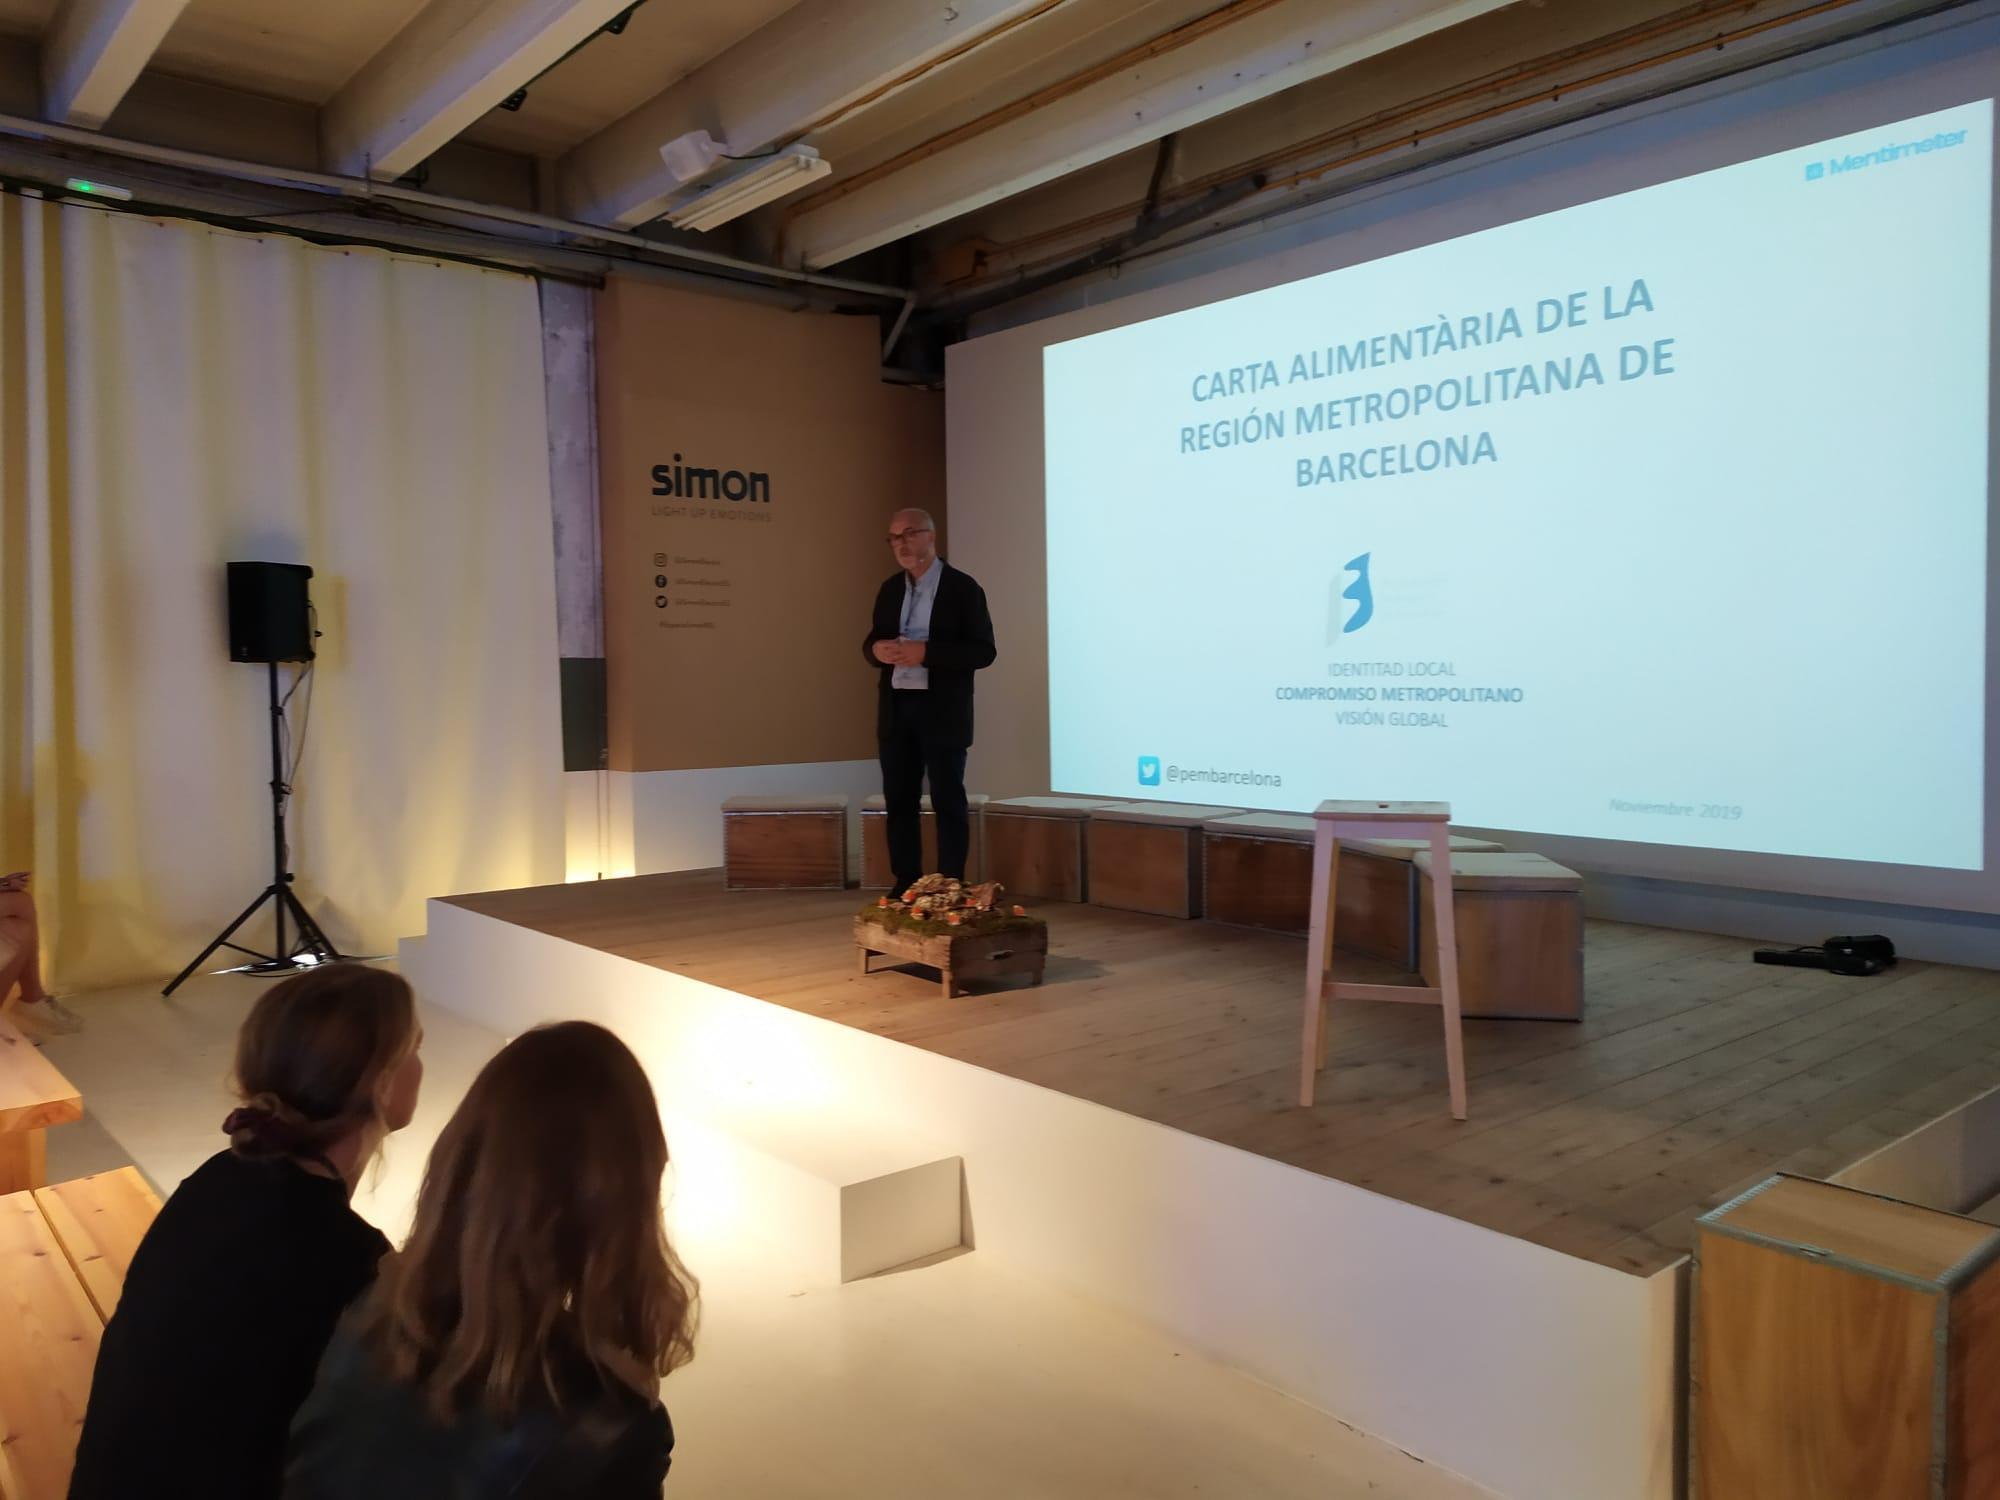 Oriol Estela Barnet presenta la Carta Alimentària de la Regió Metropolitana de Barcelona al FOODTURE BCN